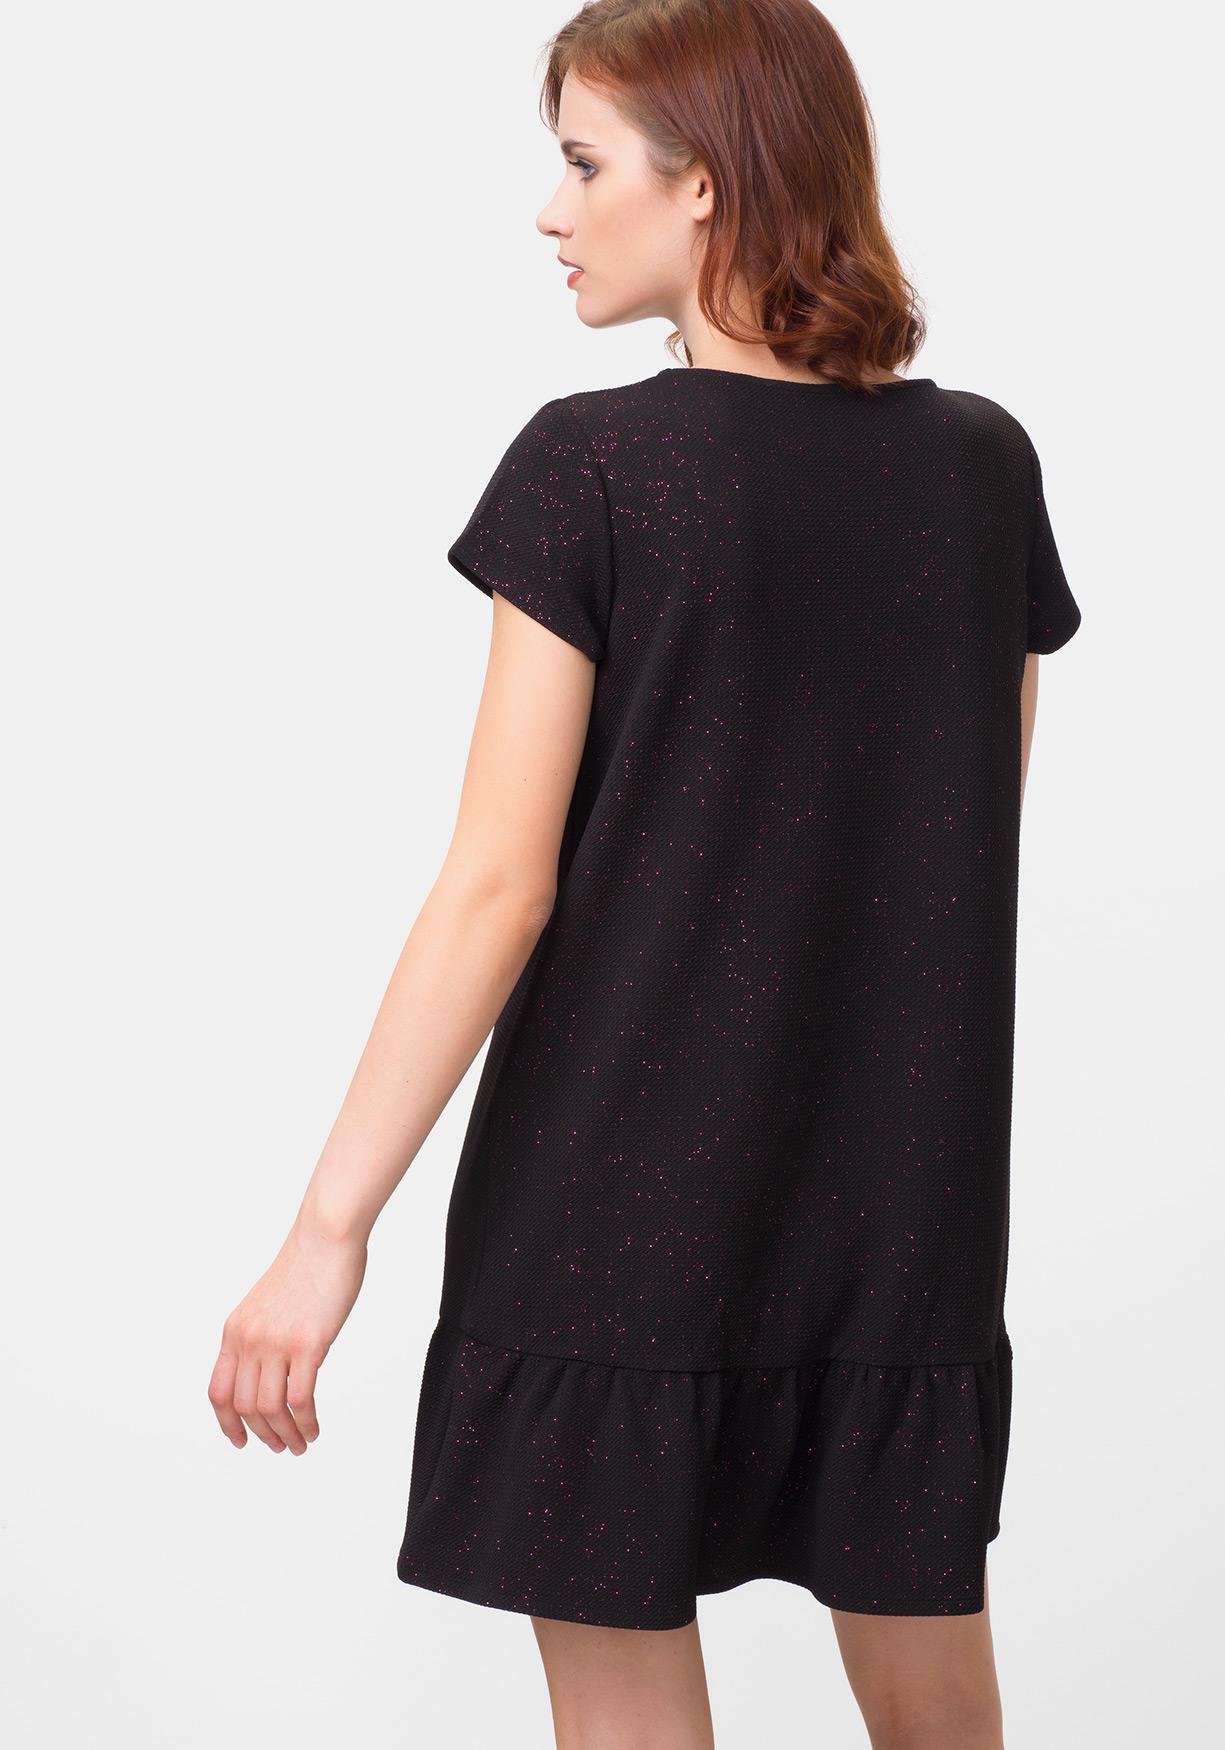 95e22ad3 Comprar Vestido corto con purpurina TEX. ¡Aprovéchate de nuestros ...